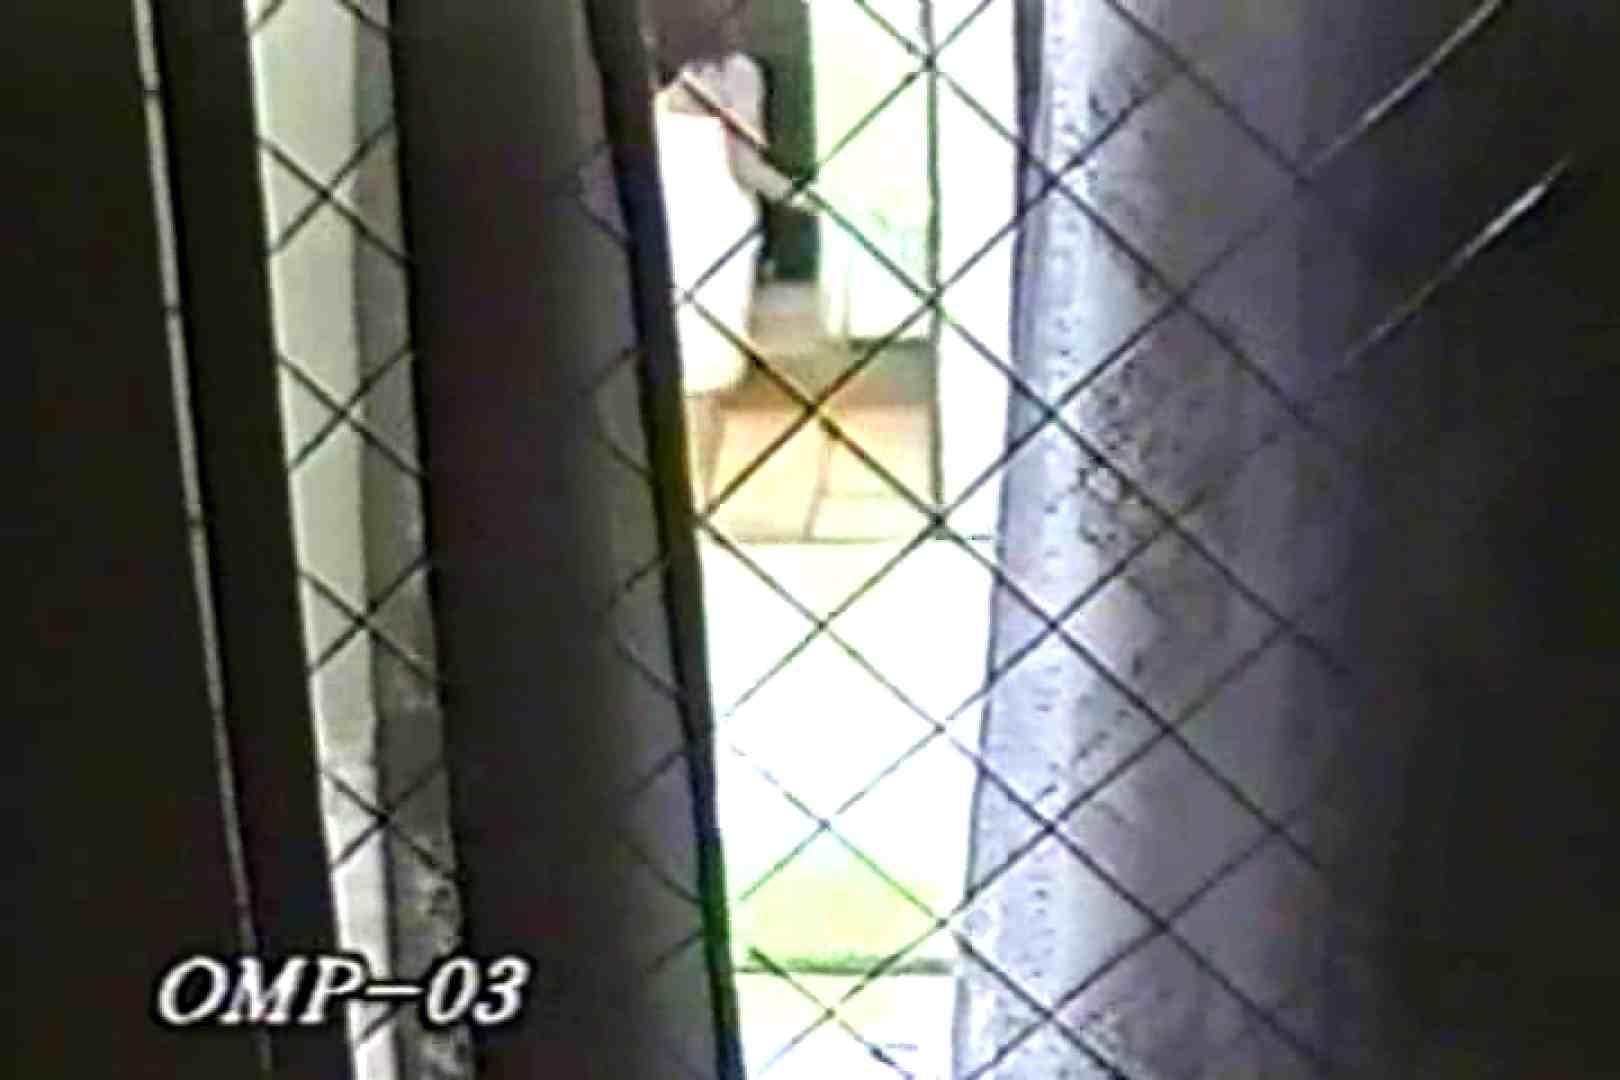 究極の民家覗き撮りVol.3 オナニー AV無料動画キャプチャ 35連発 18